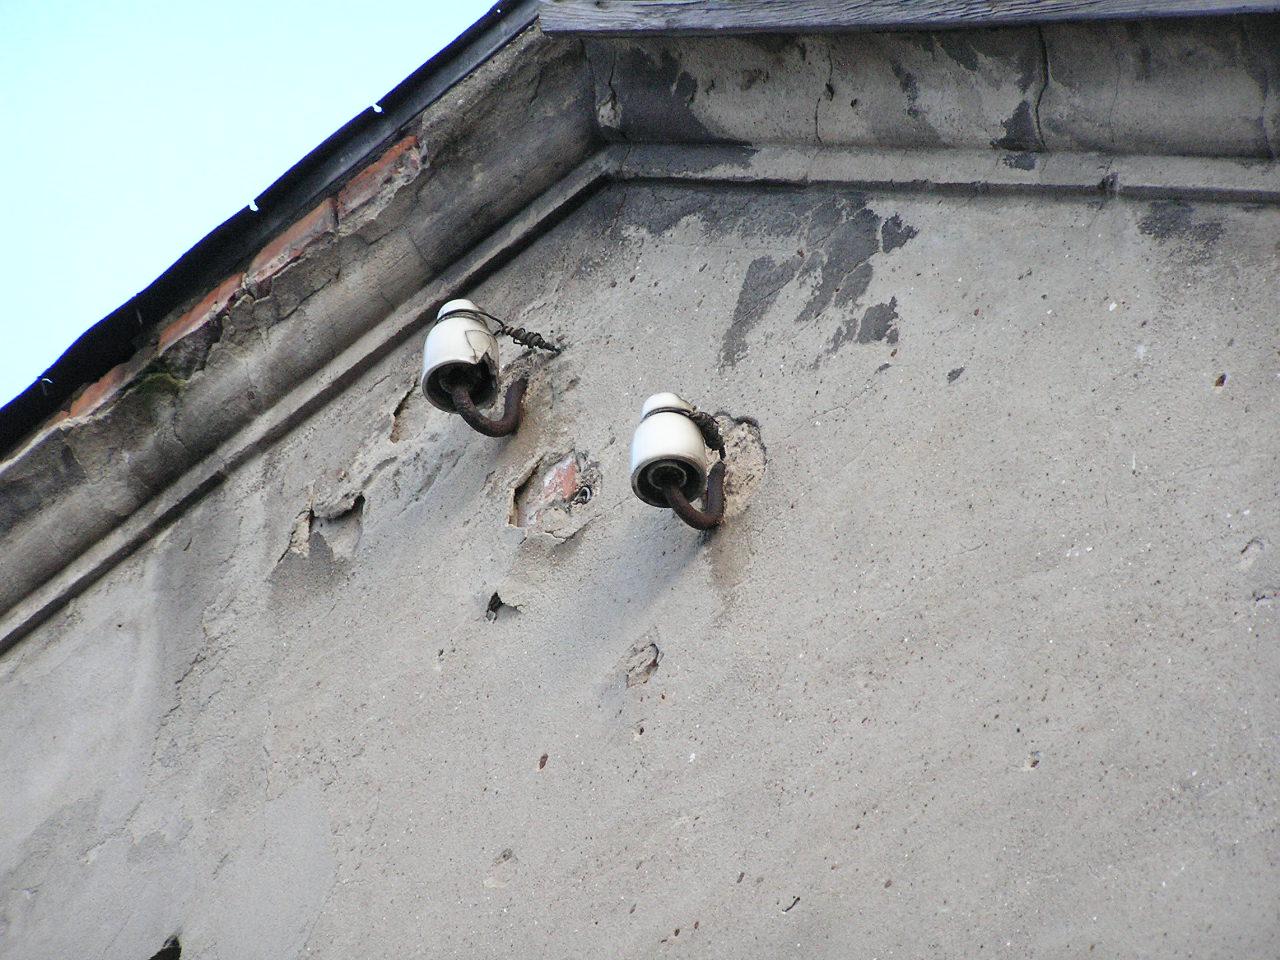 Izolatory na ścianie budynku przy Kordeckiego 36 na Grochowie